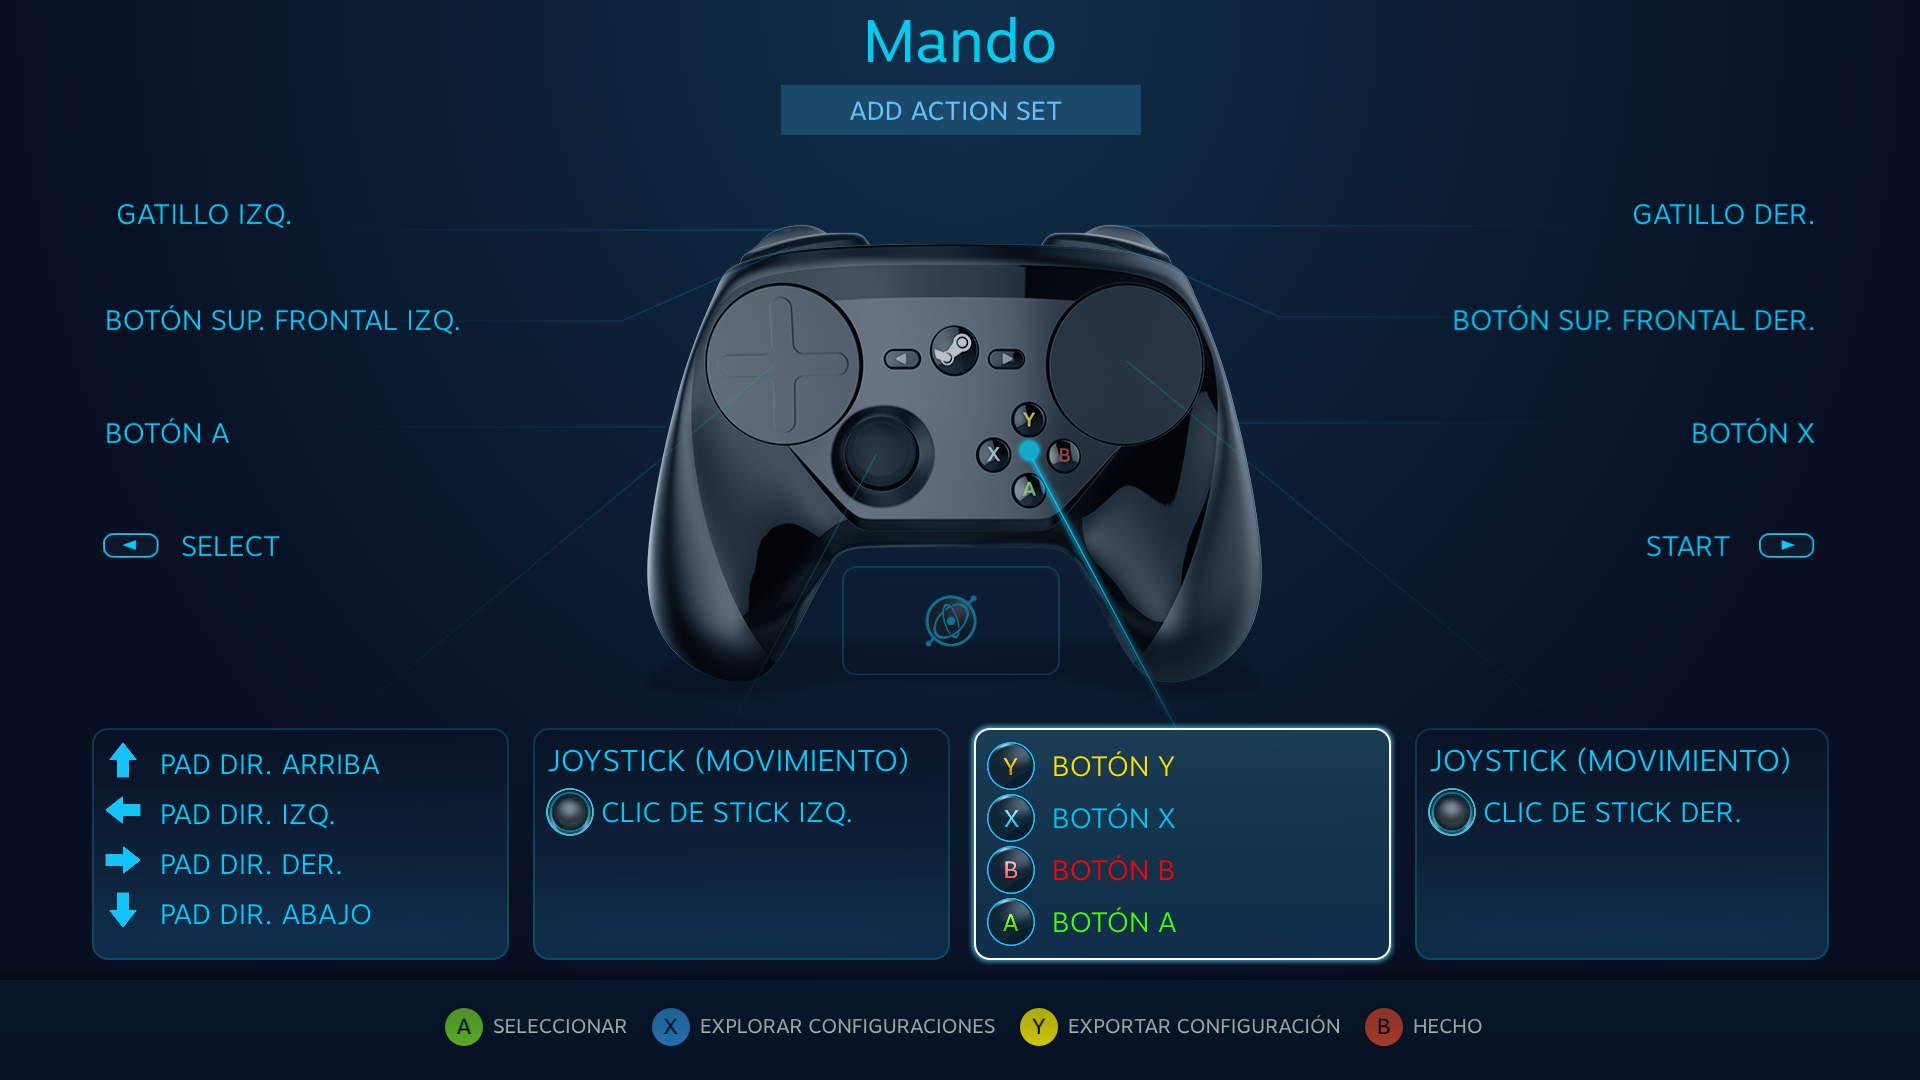 Configuración por defecto para GRID, que emula los controles de Xbox